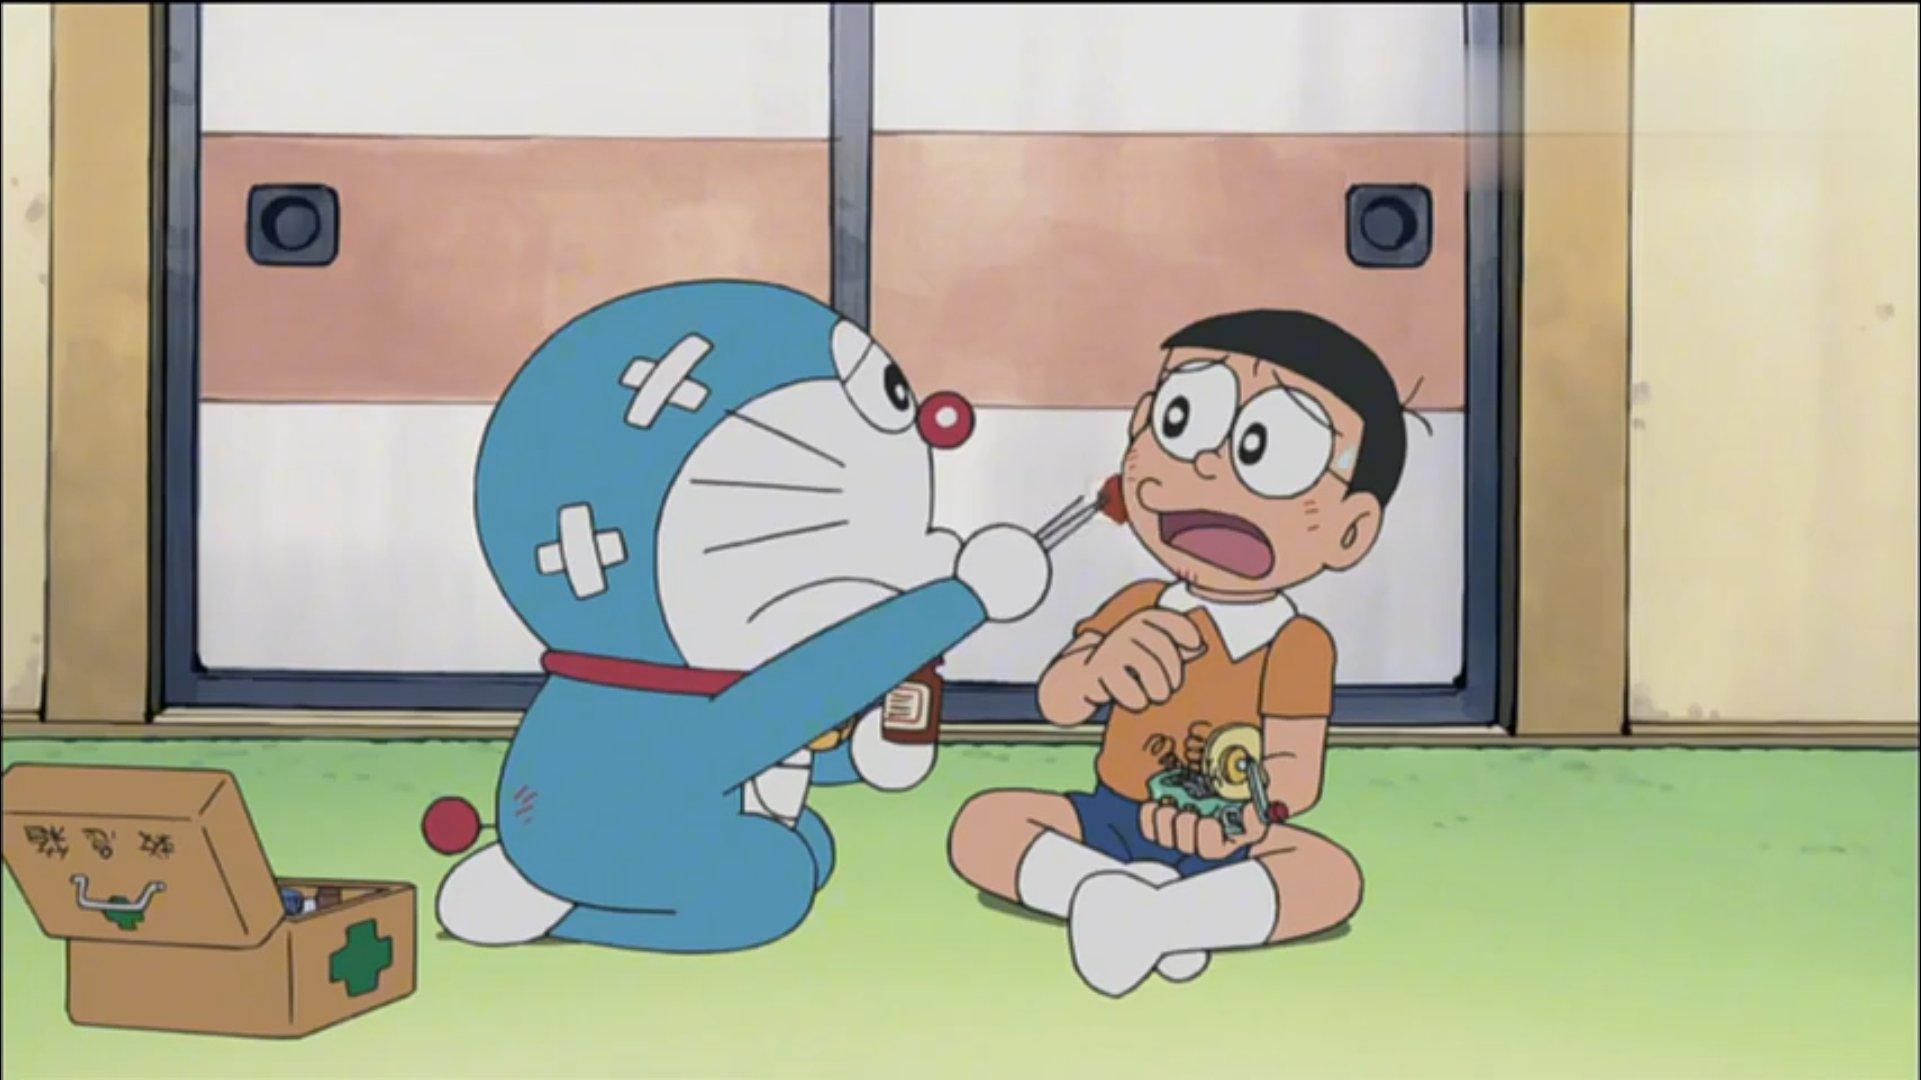 【视频】哆啦A梦:大雄一不小心就长大了,而且还和儿子抢礼物